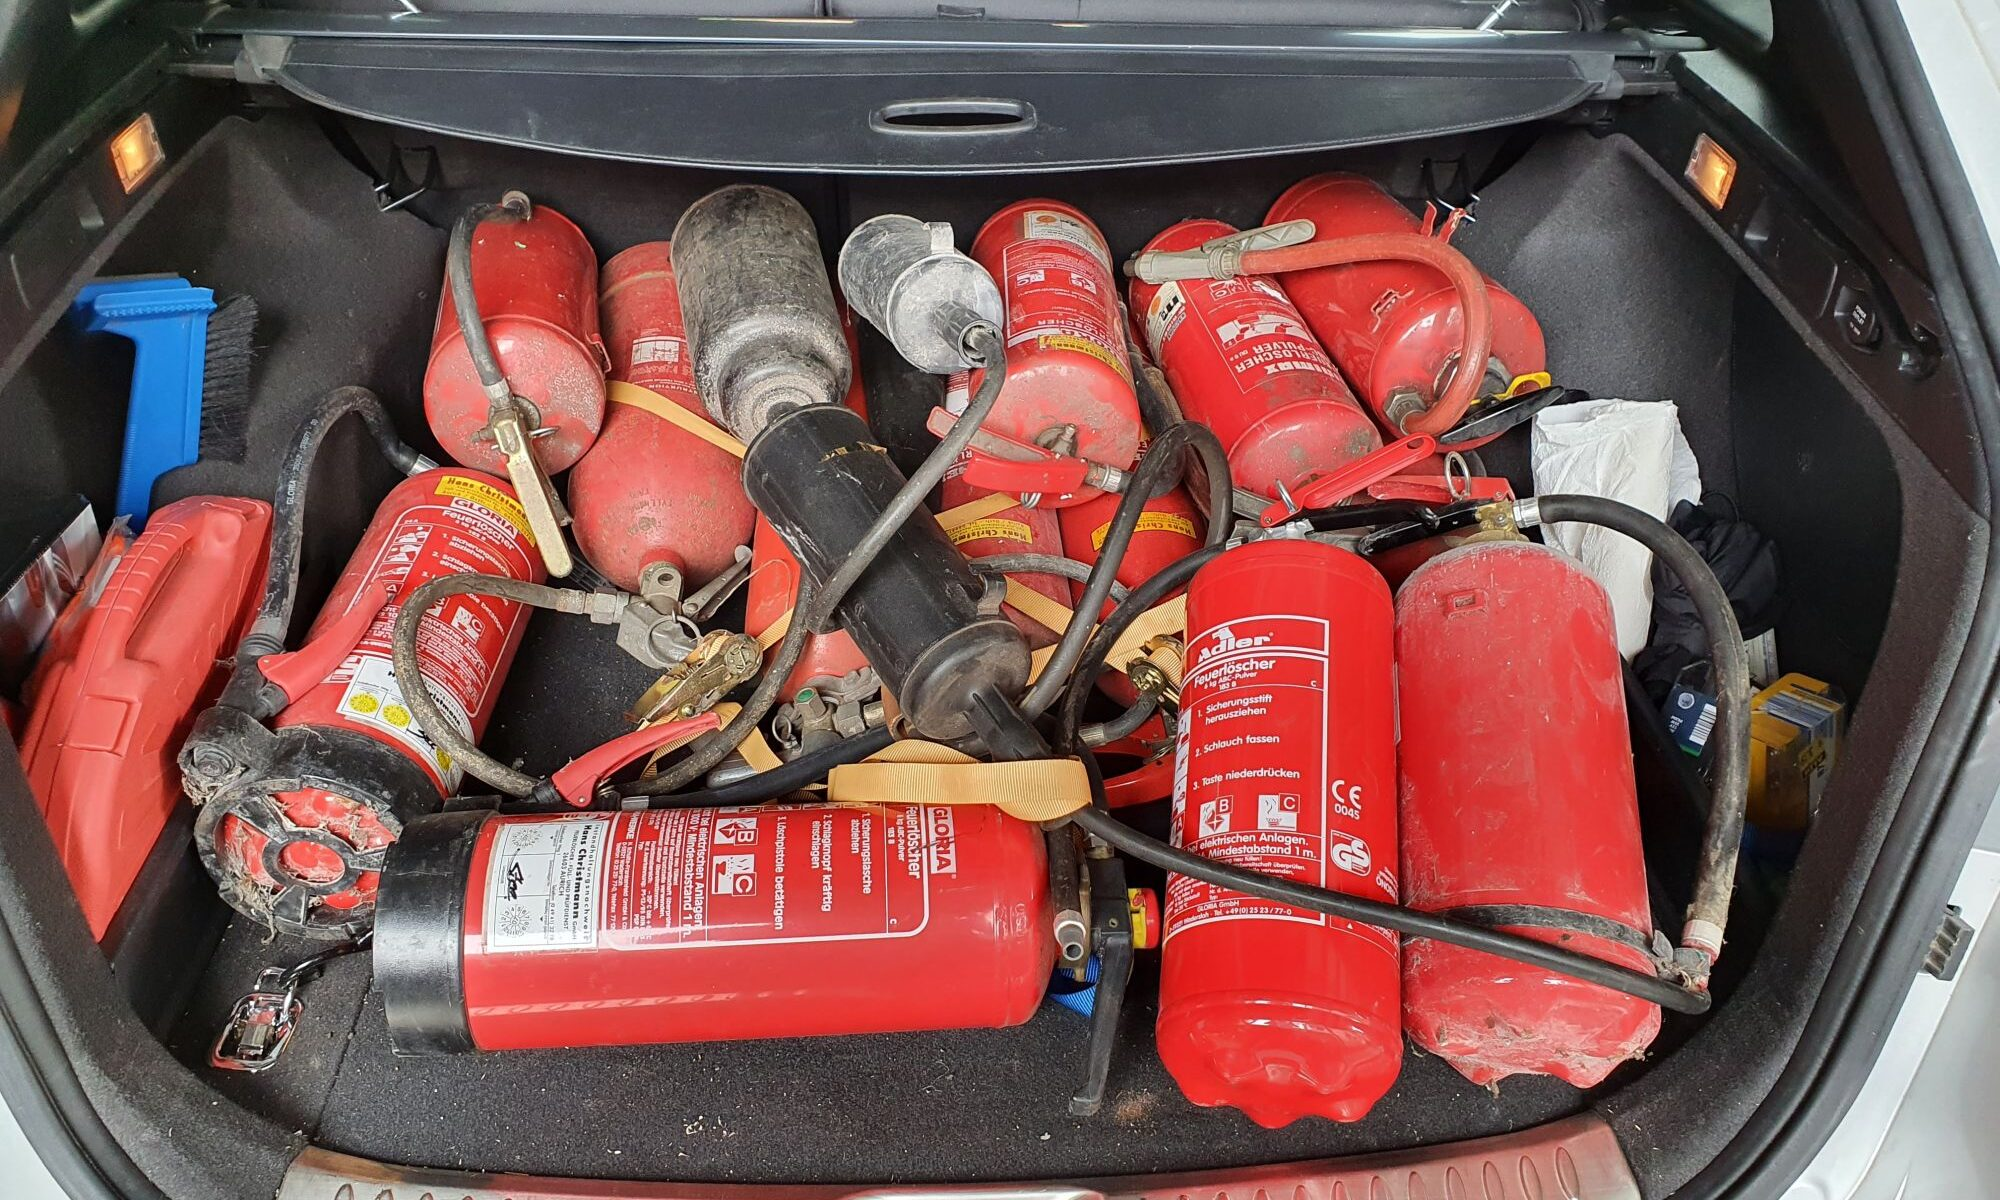 EIn Kofferraum voller Feuerlöscher